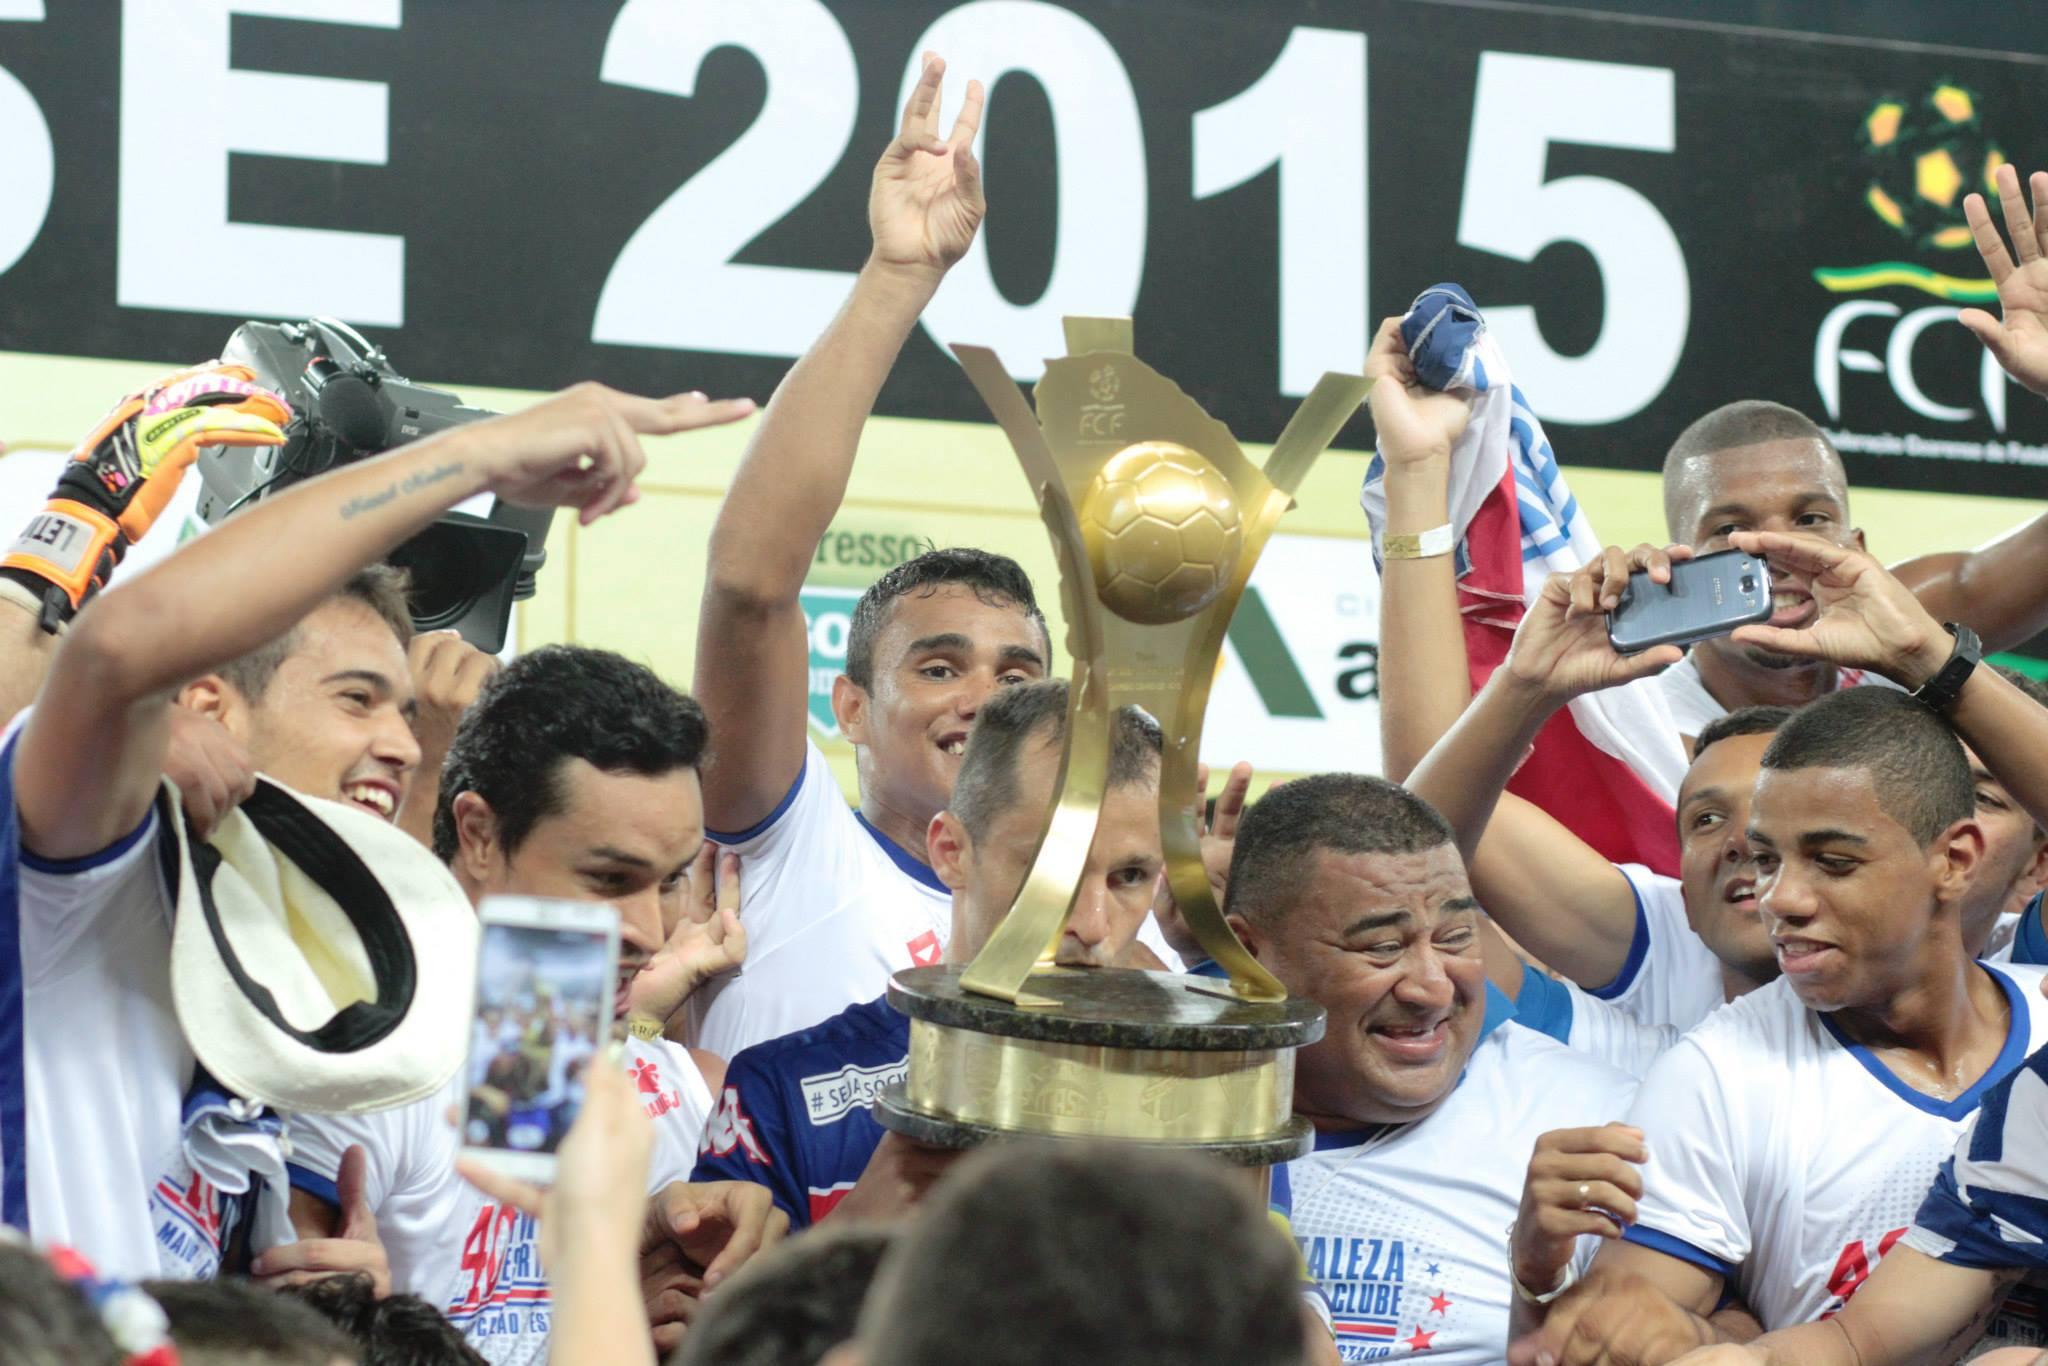 O Fortaleza foi campeão ao empatar com o Ceará em 2 a 2 (FOTO: Nodge Nogueira)